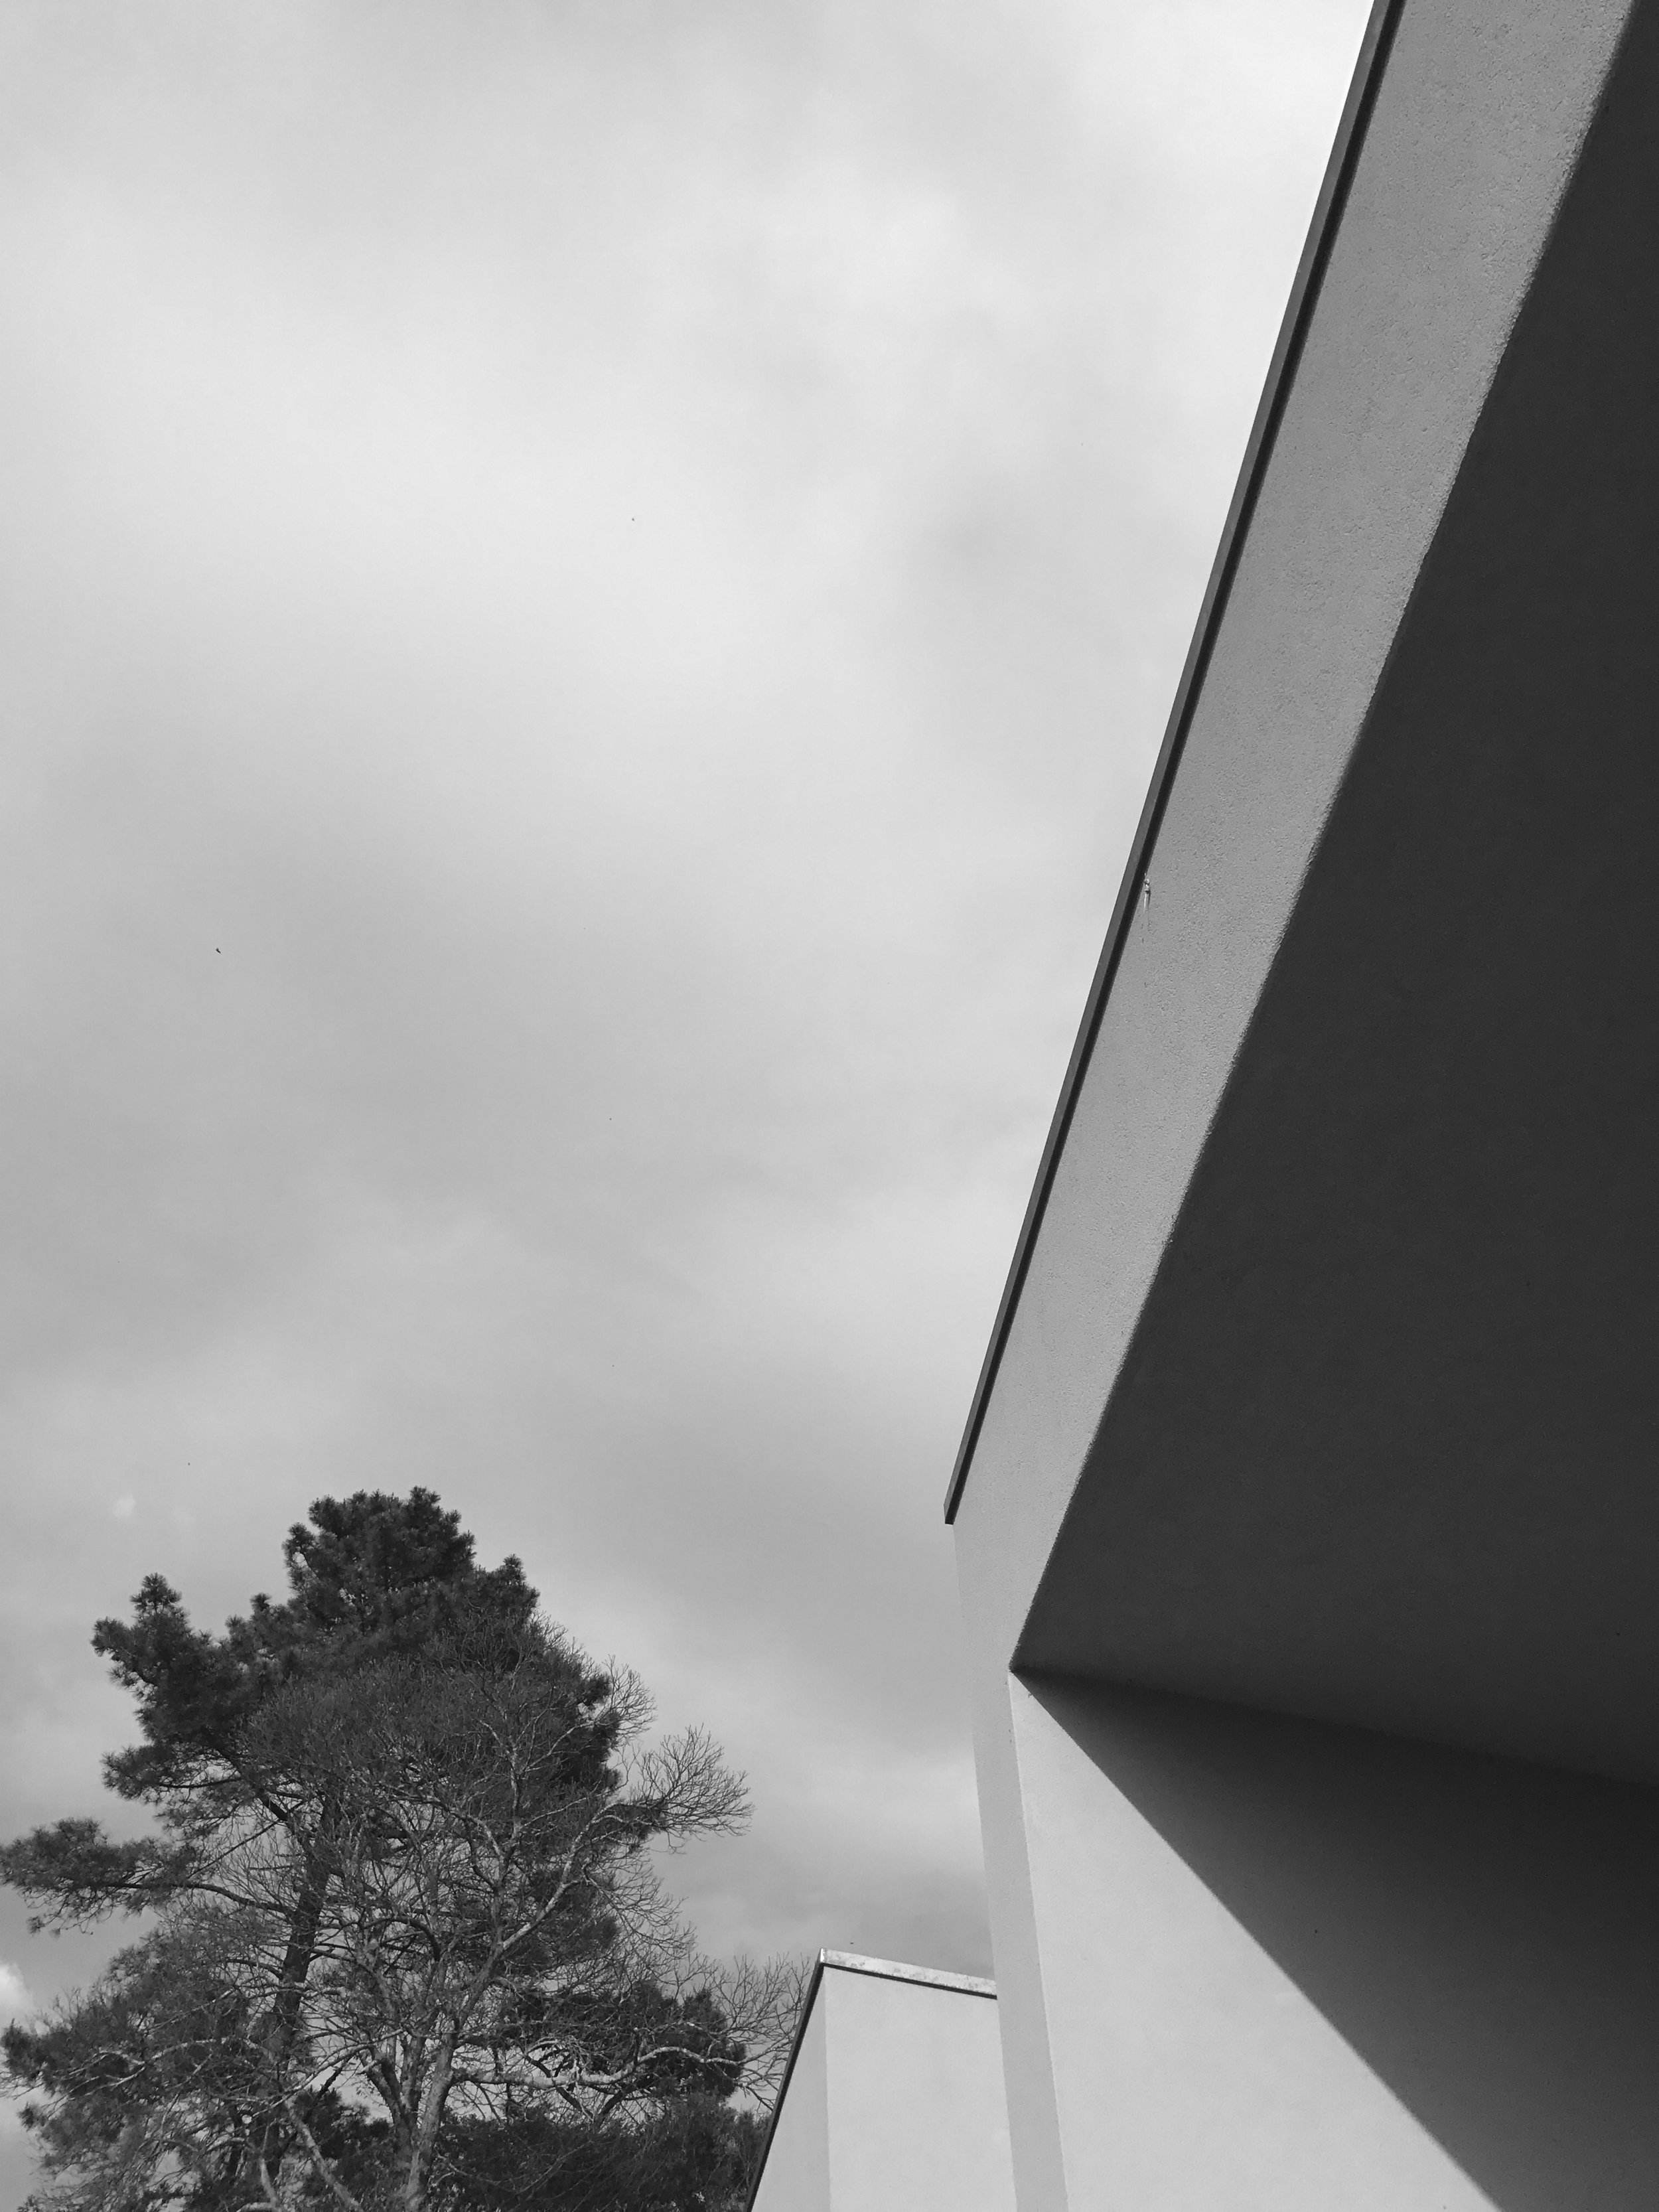 Moradia S+N - arquitectura - arquitectos - porto - oliveira de azemeis - construção - projecto - eva evolutionary architecture (41).jpg